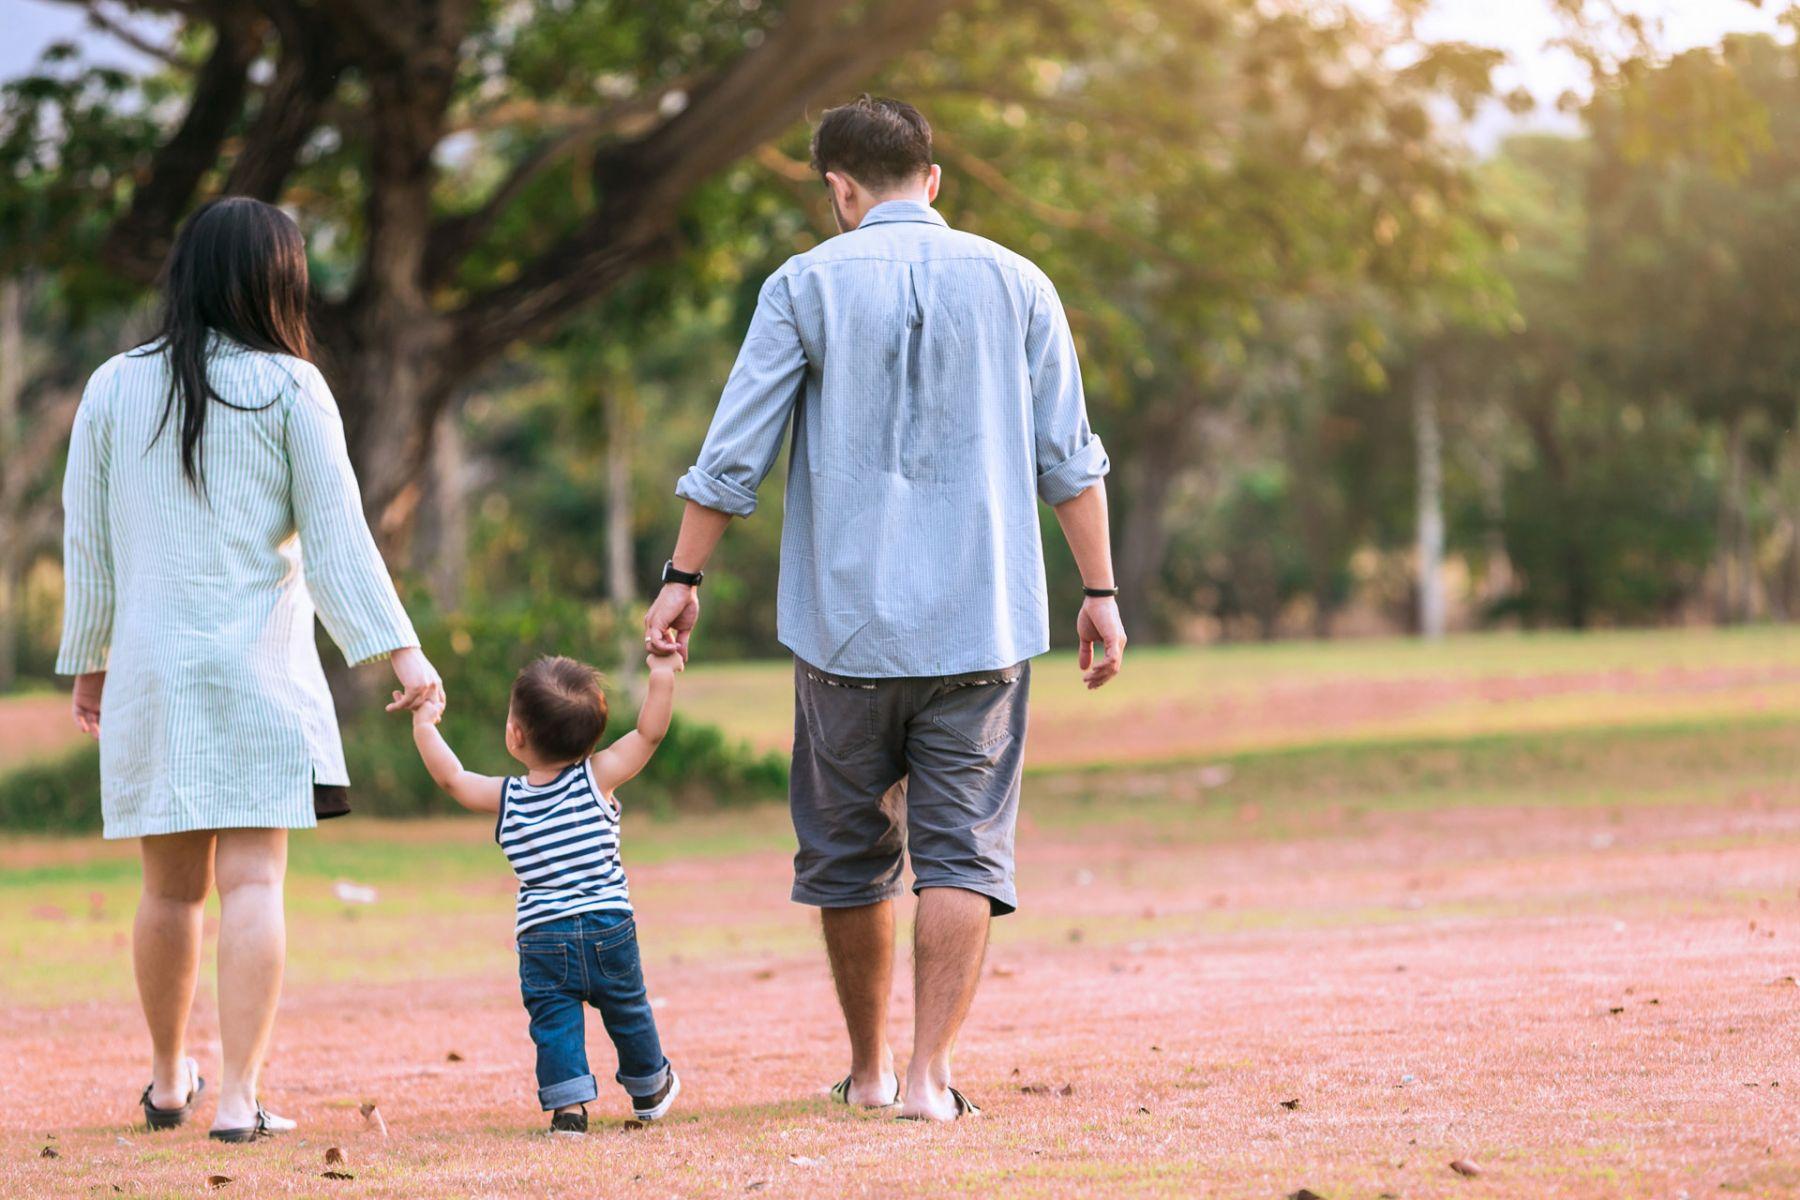 保險法遭質疑:父母幫獨立生活子女買保險「保單無效」?